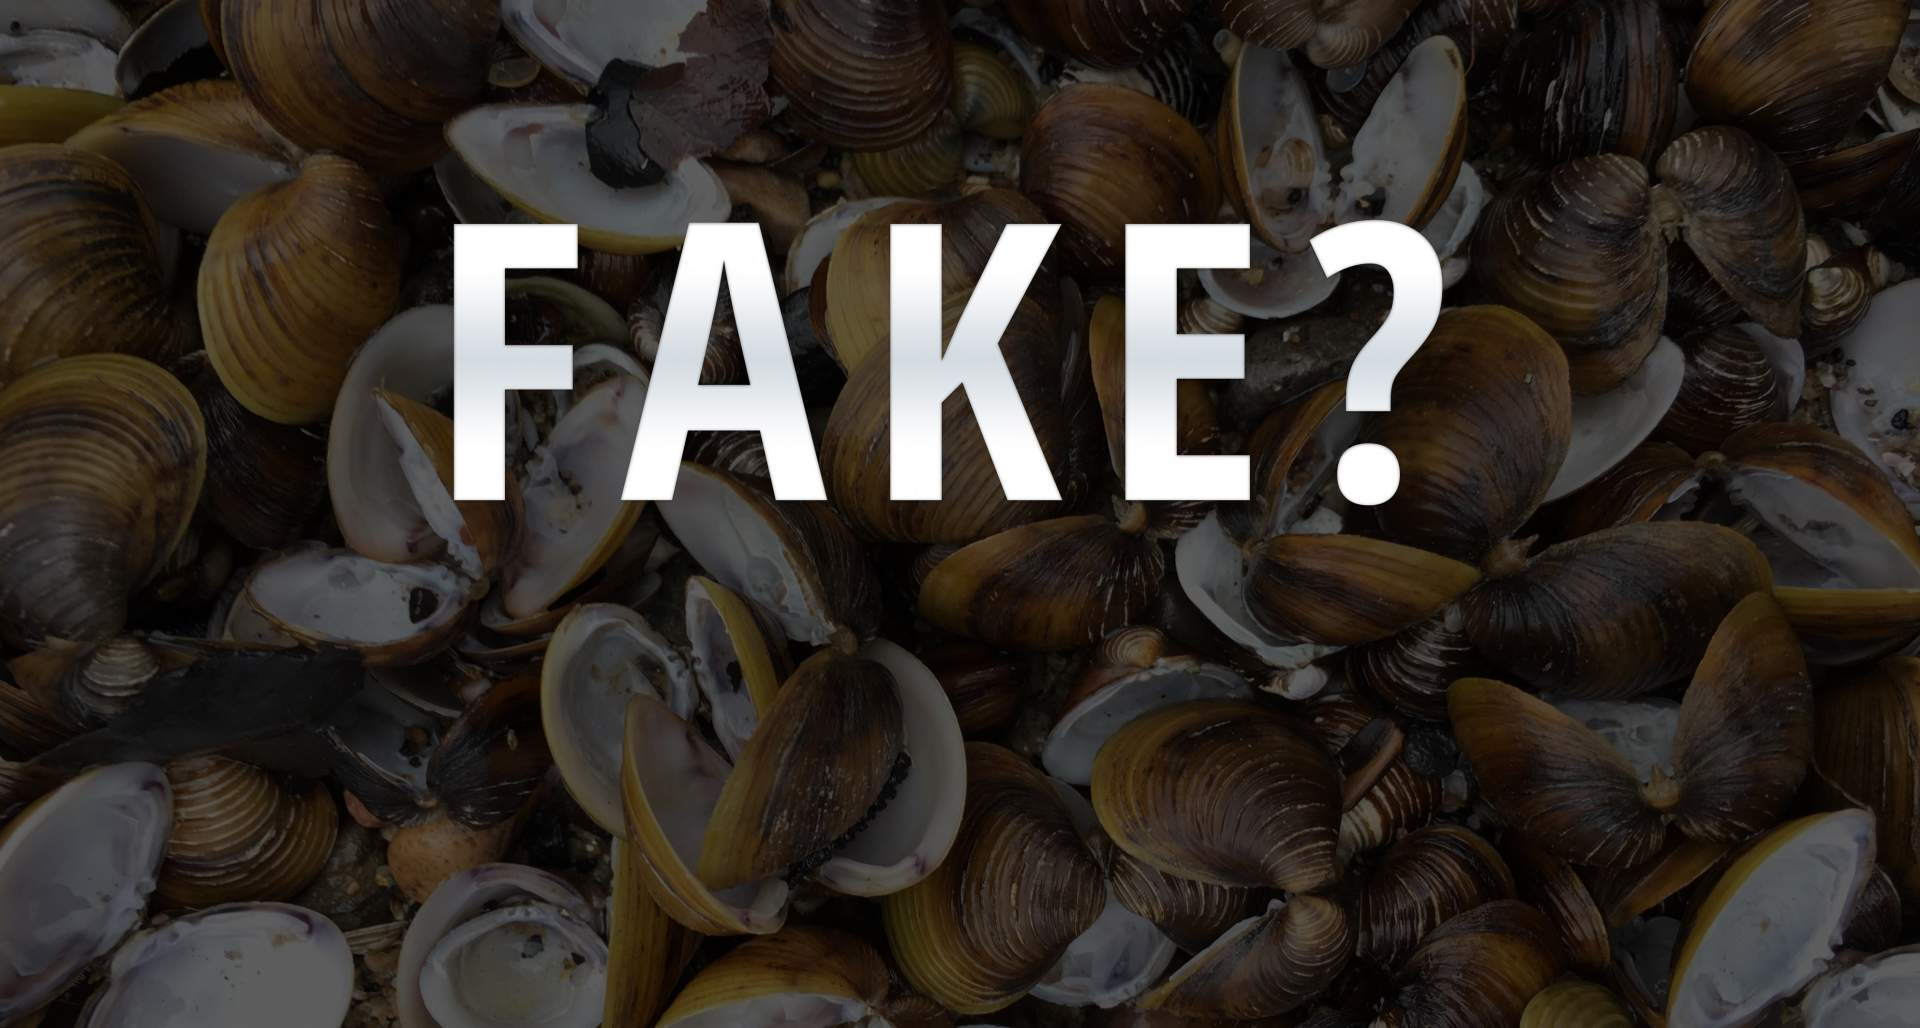 Fake-Bilder